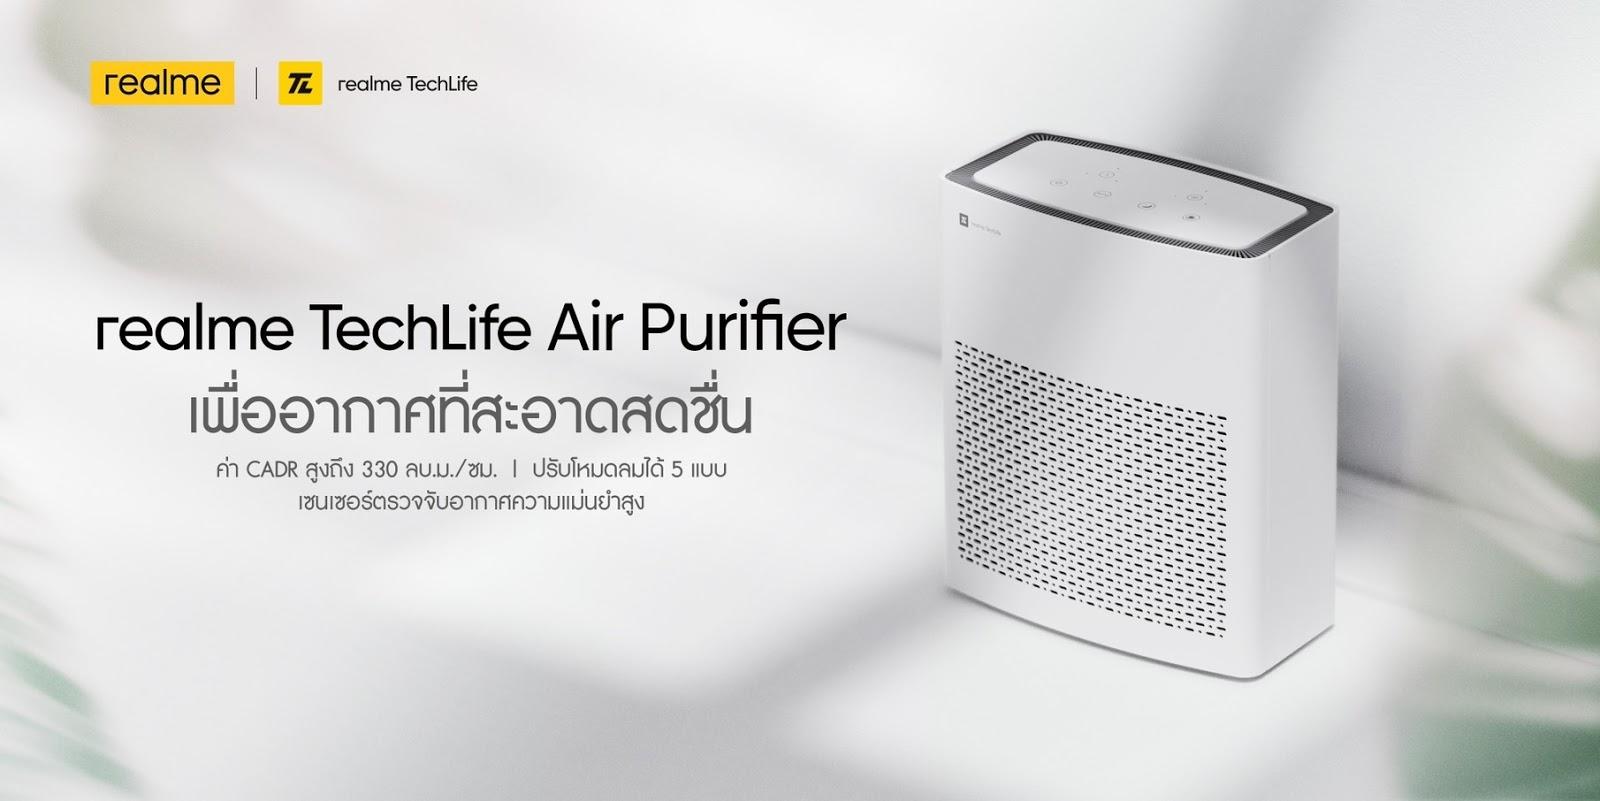 realme เปิดตัว TechLife Air Purifier เครื่องฟอกอากาศ มาพร้อมฟังก์ชั่นใช้ง่ายเพื่ออากาศที่ดีและสะอาดสดชื่น